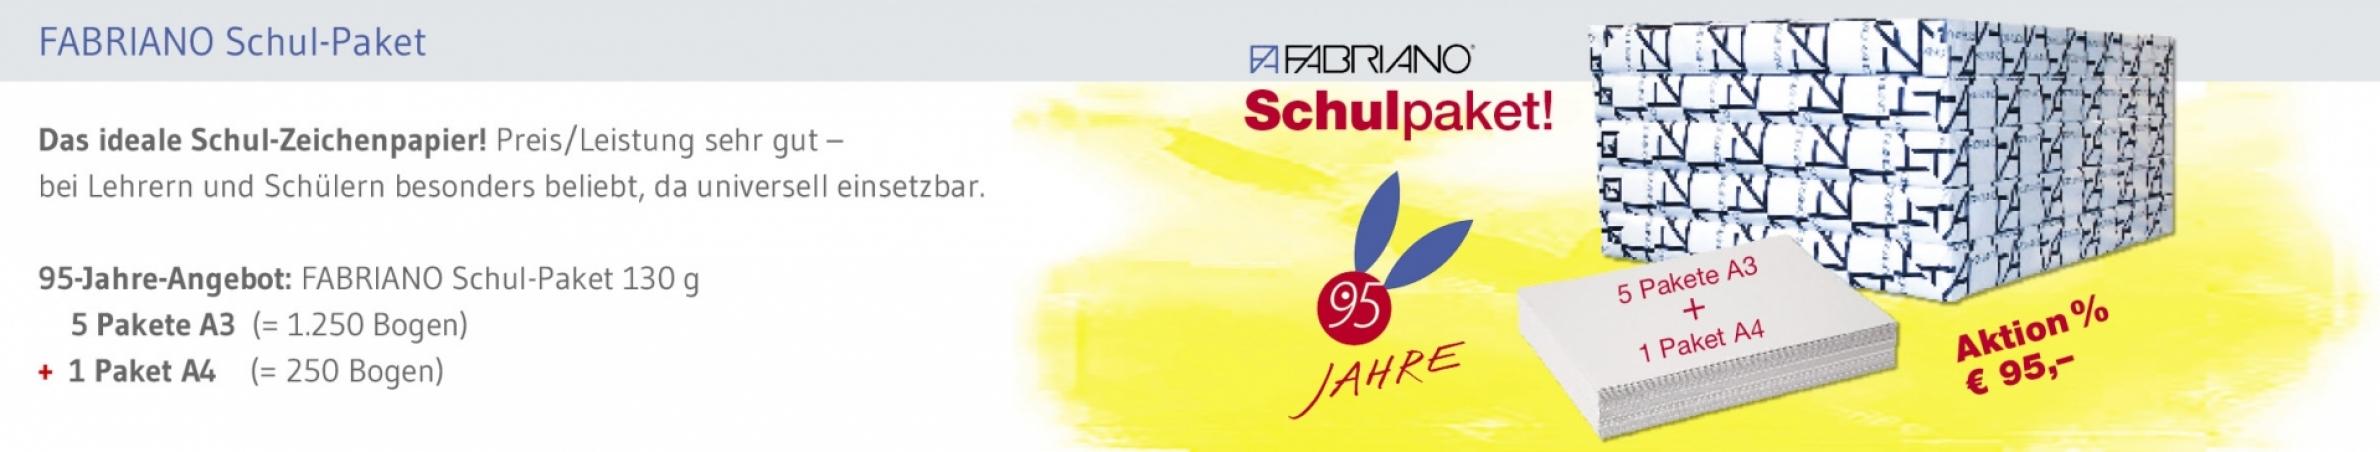 FABRIANO Schul-Paket